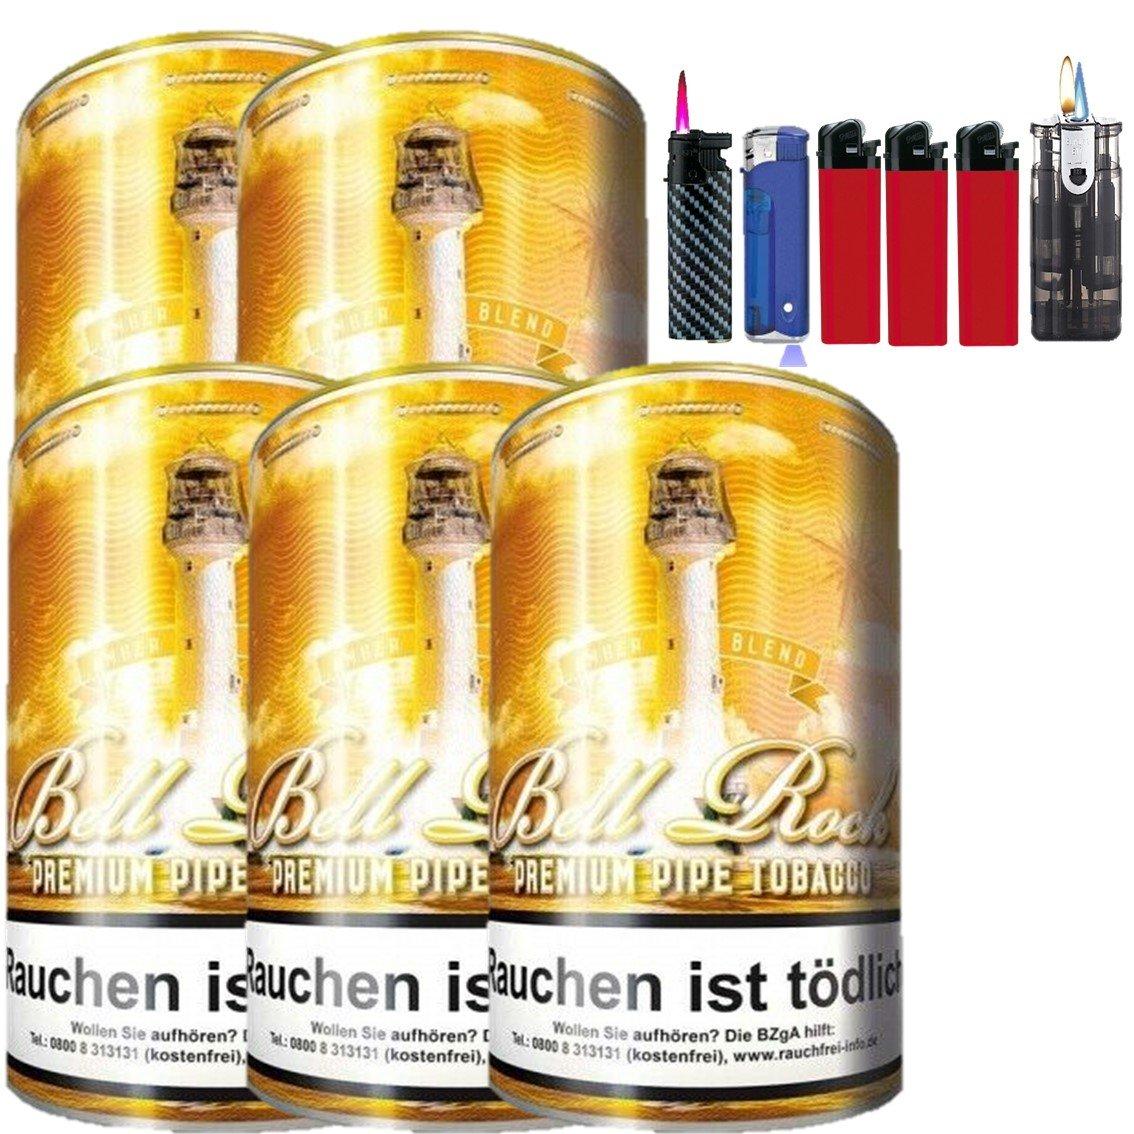 Bell Rock Amber Blend 5 x 160g Pfeifentabak Feuerzeug Set